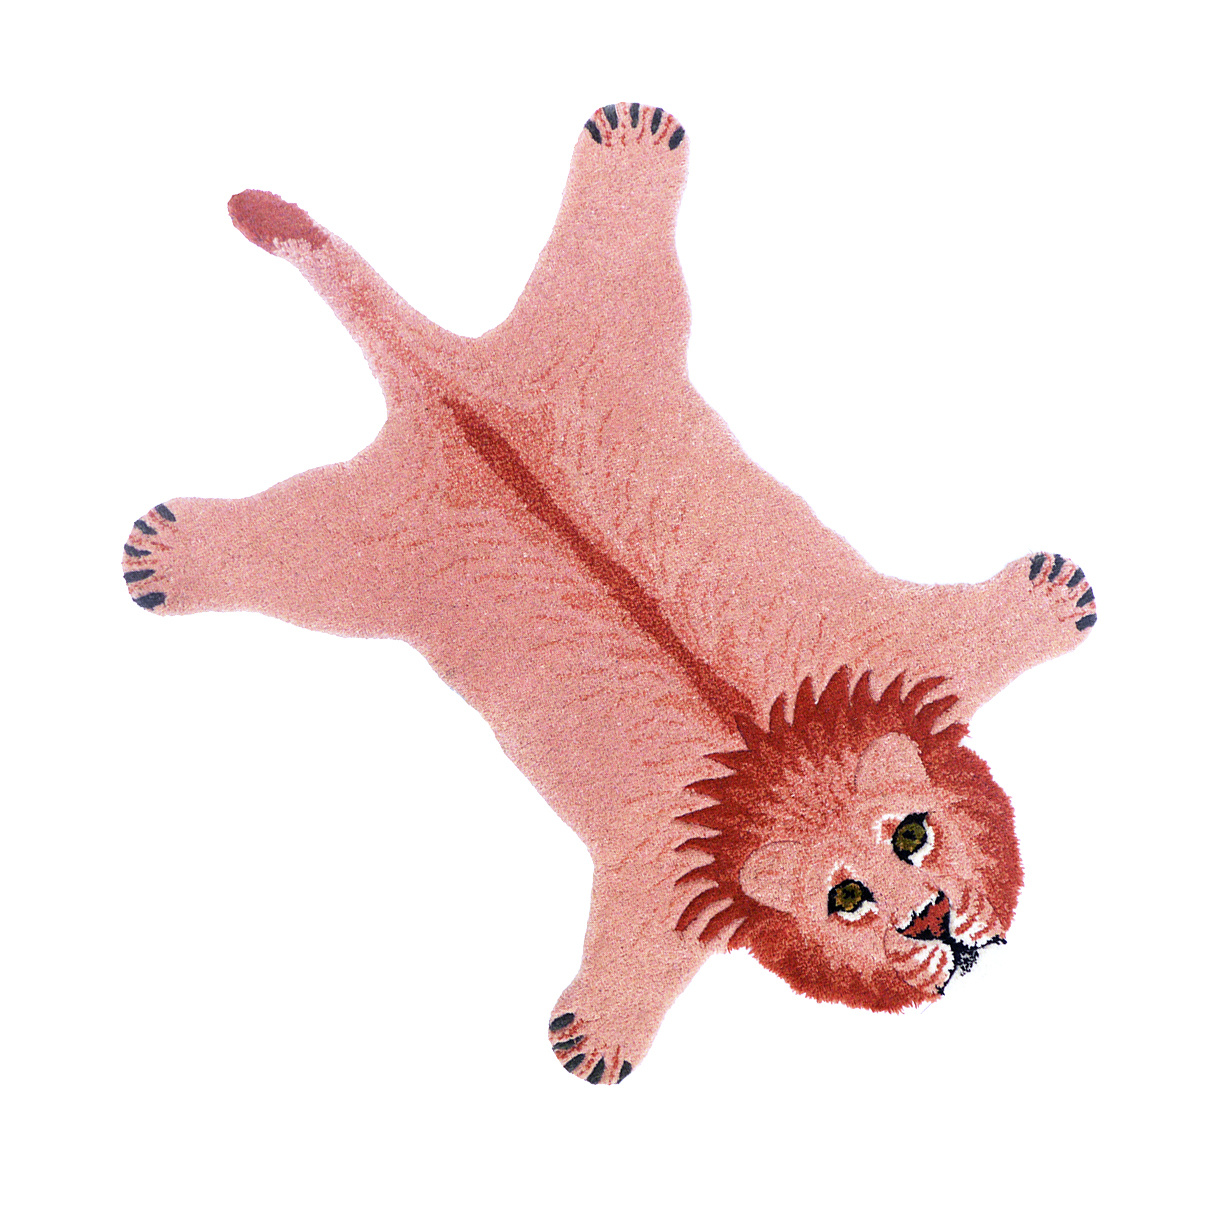 Roze leeuw kleed van Doing Goods